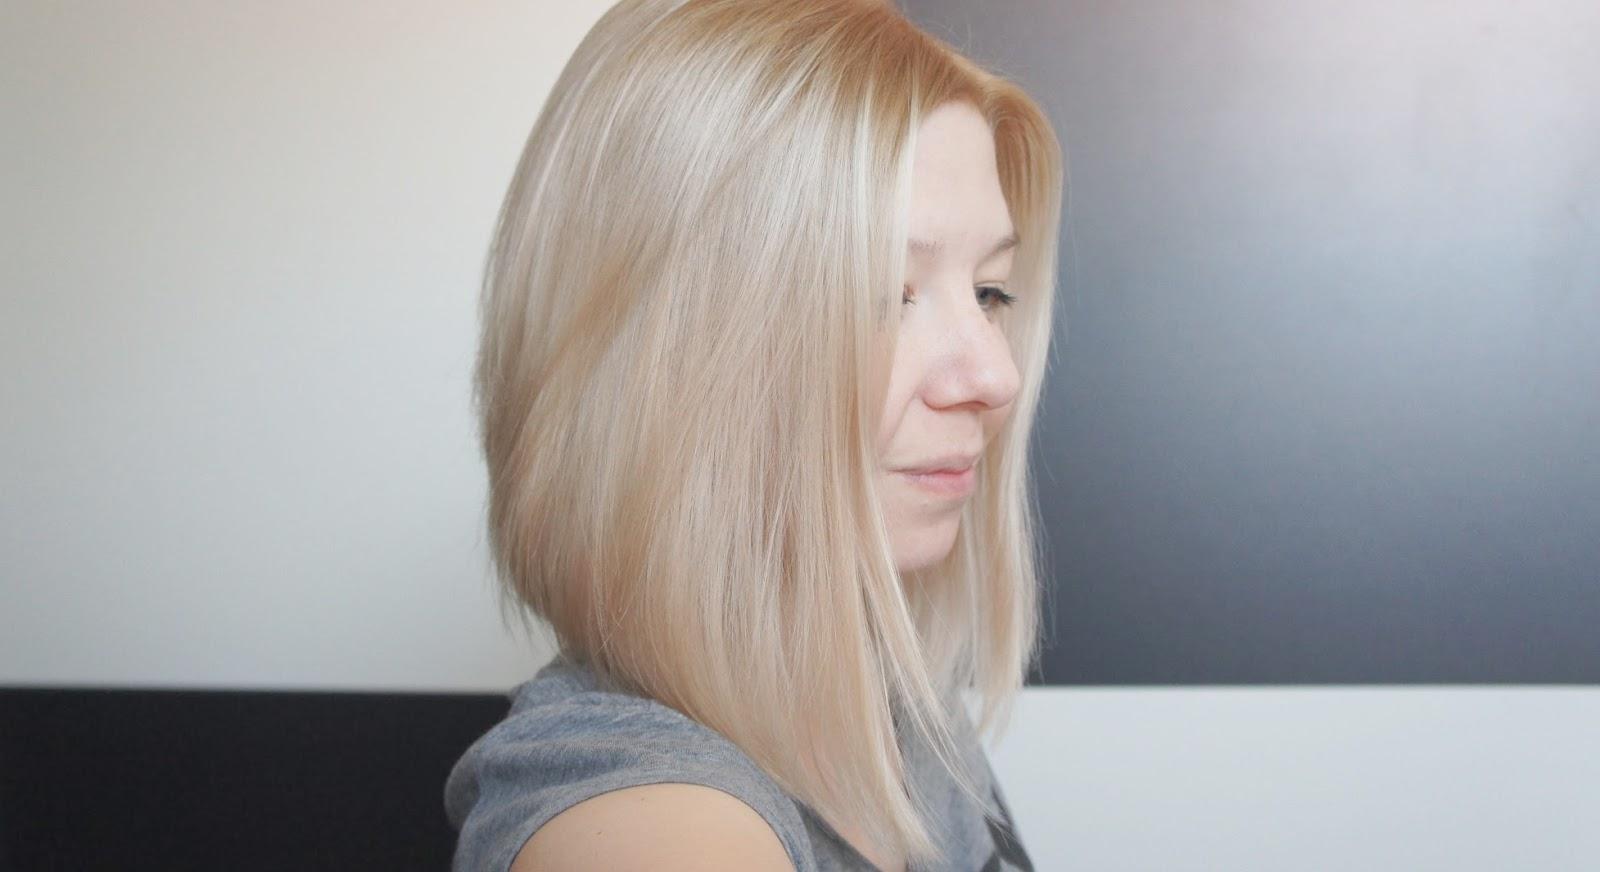 Neue Haarfarbe Beigeblond Zuckerblond De